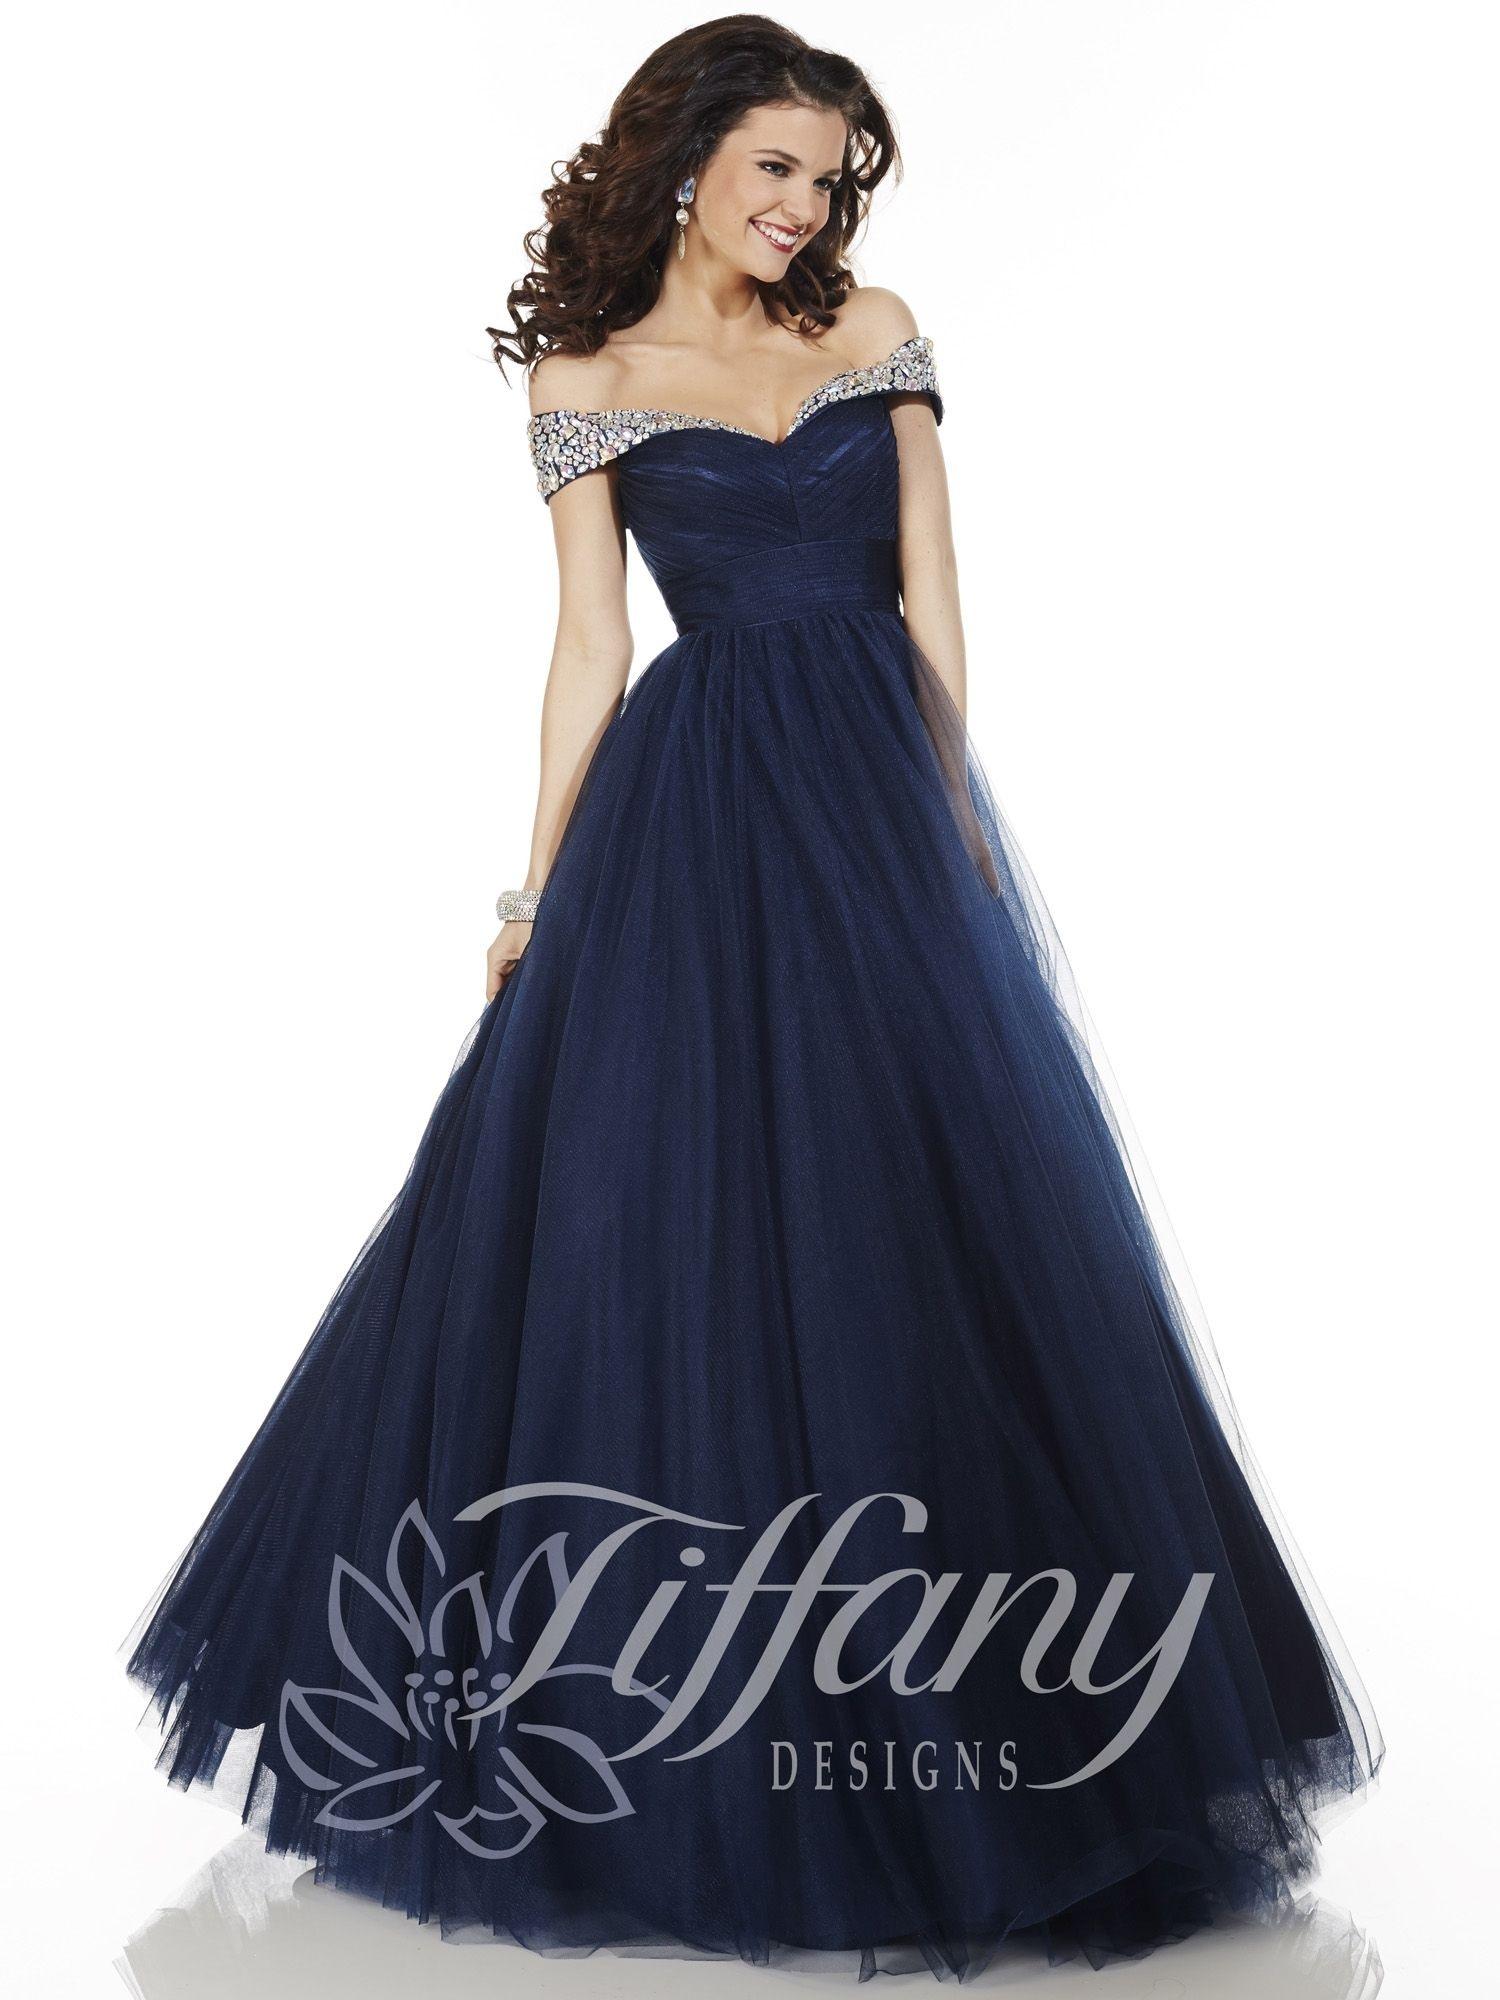 Leicht Wunderschöne Kleider VertriebFormal Luxus Wunderschöne Kleider Galerie